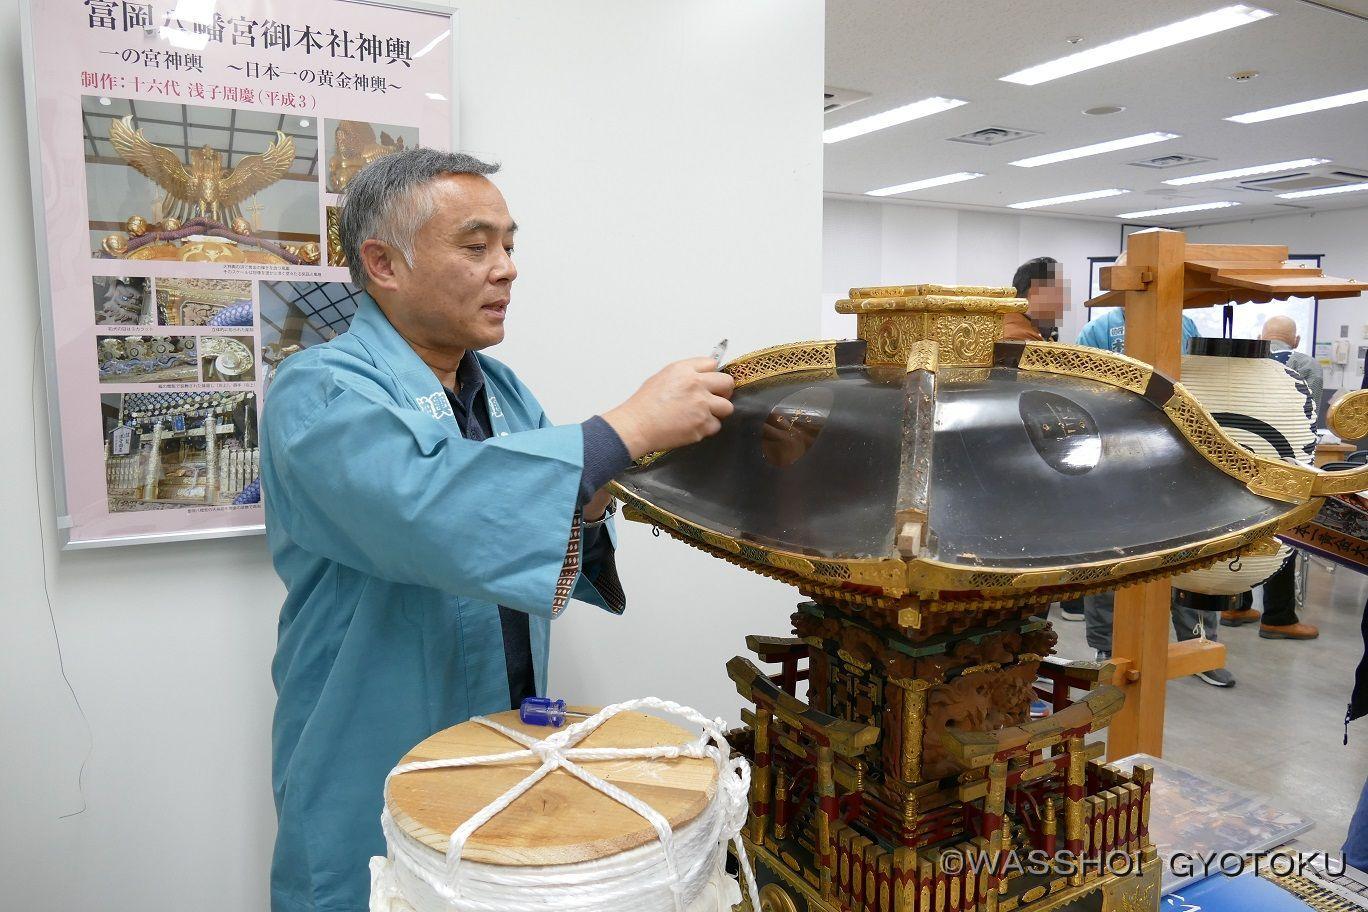 元浅子神輿の職人、藤戸氏による神輿解体の実演